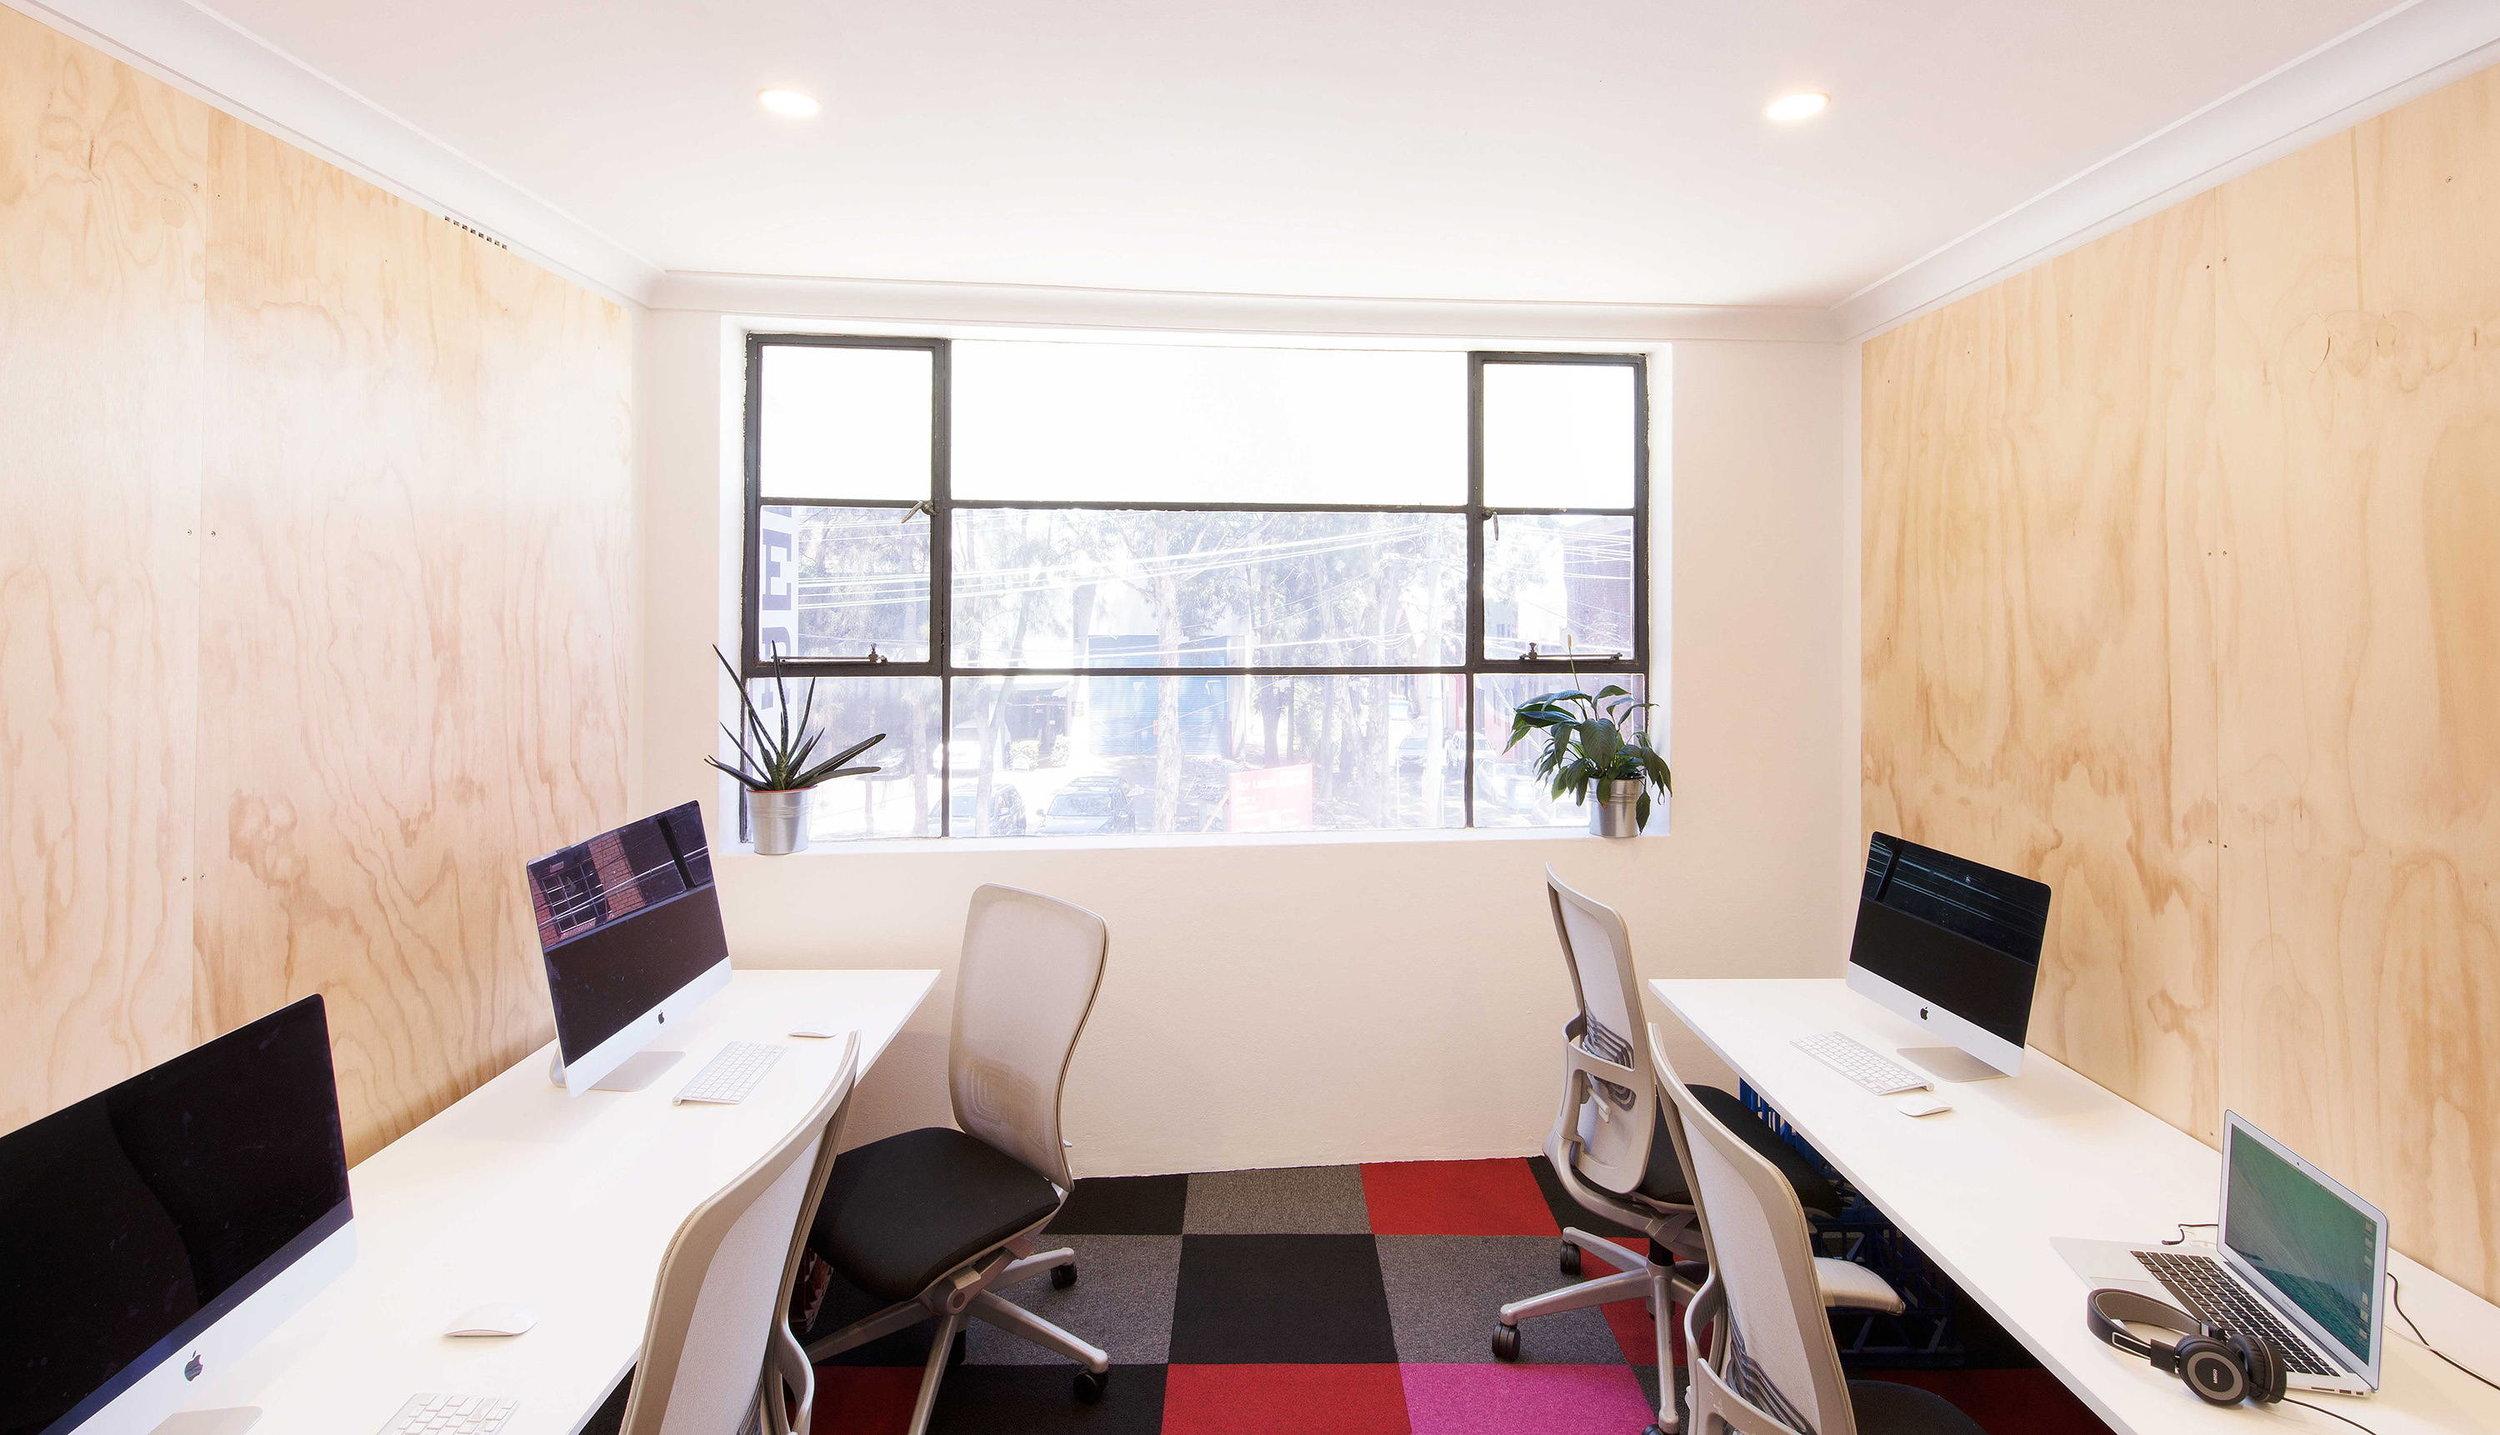 Bigger Private Office